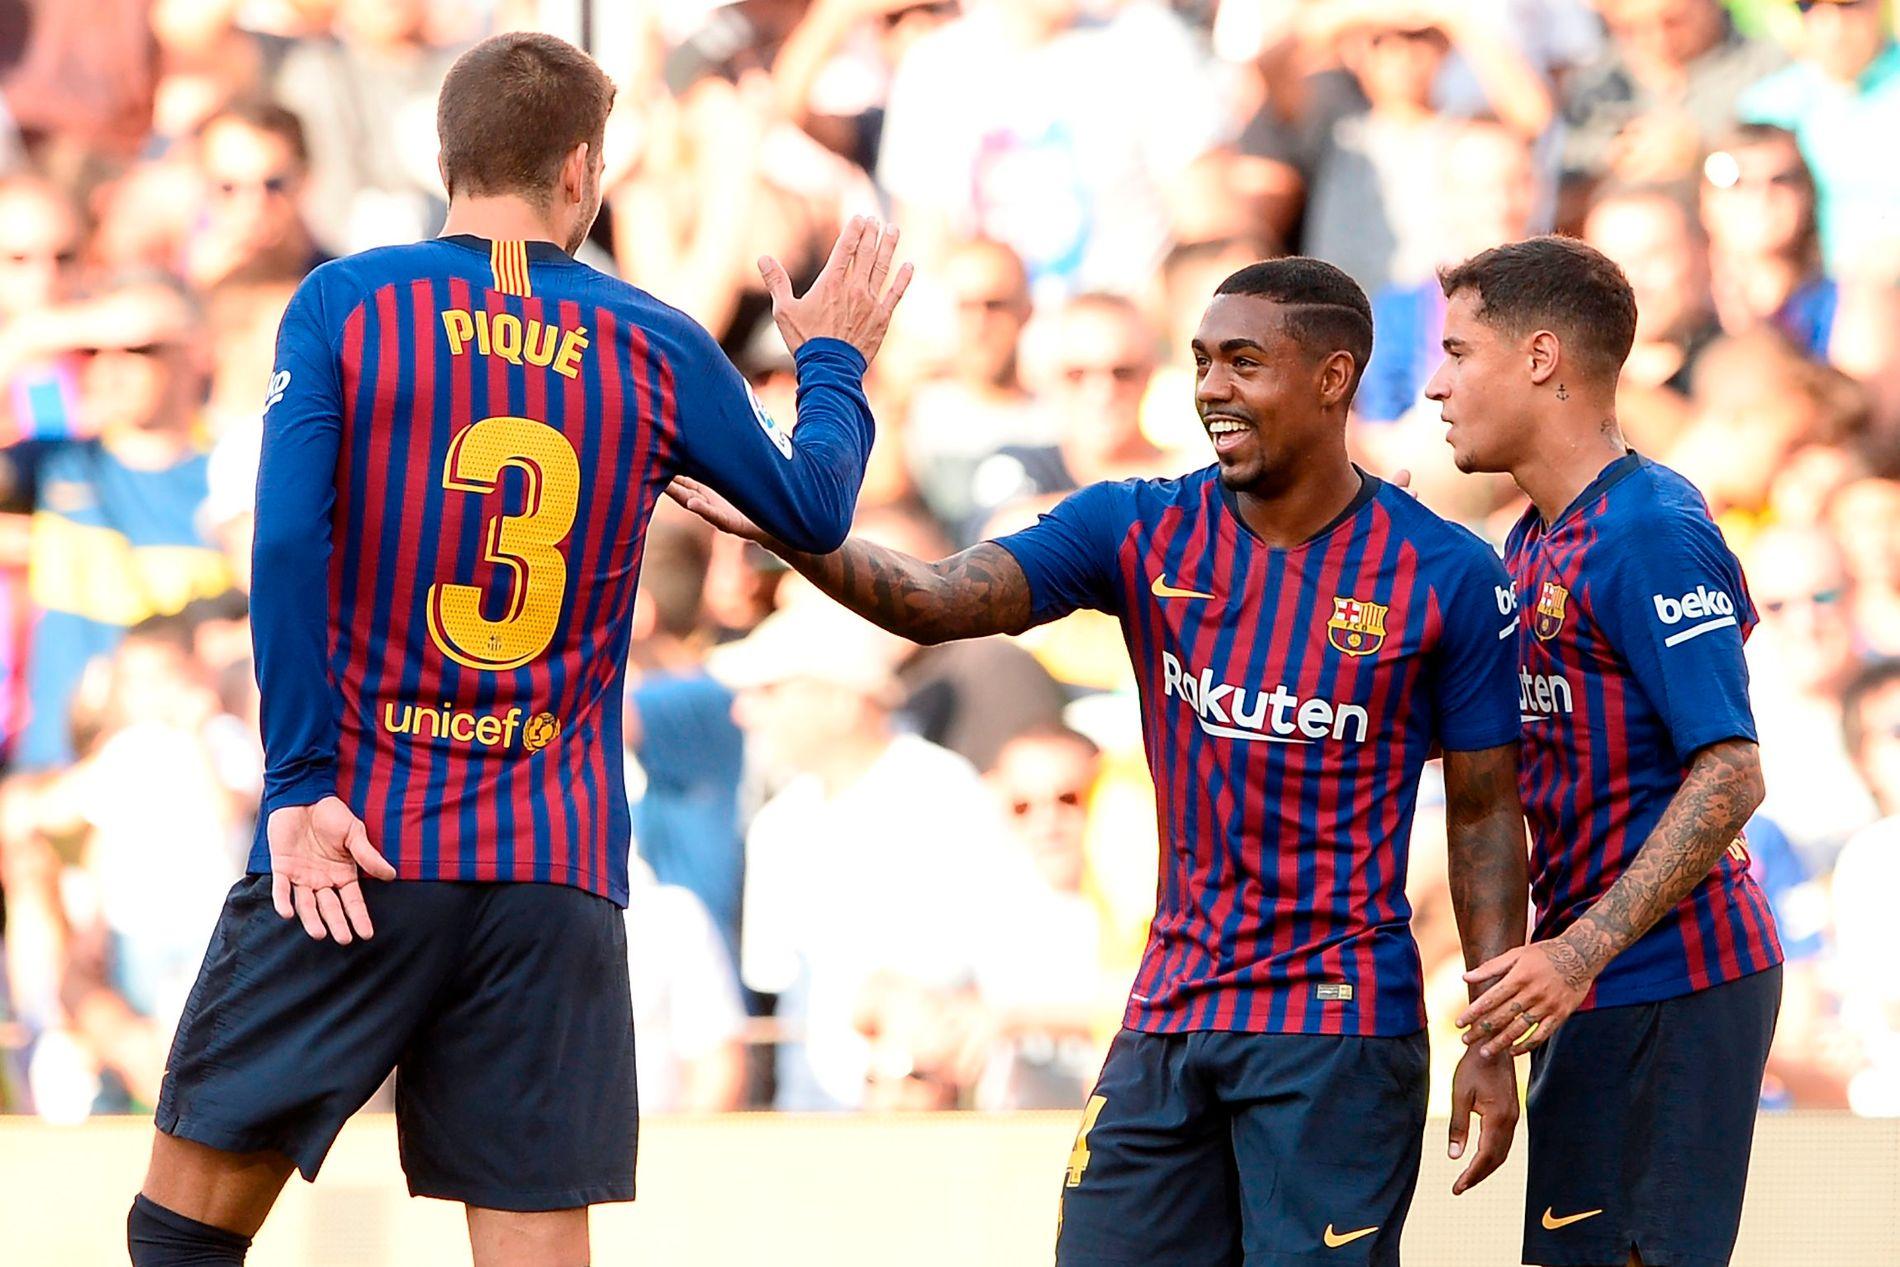 SCORET: Malcom har scoret for Barcelona denne sesongen - men det var i en treningskamp mot Boca Juniors.